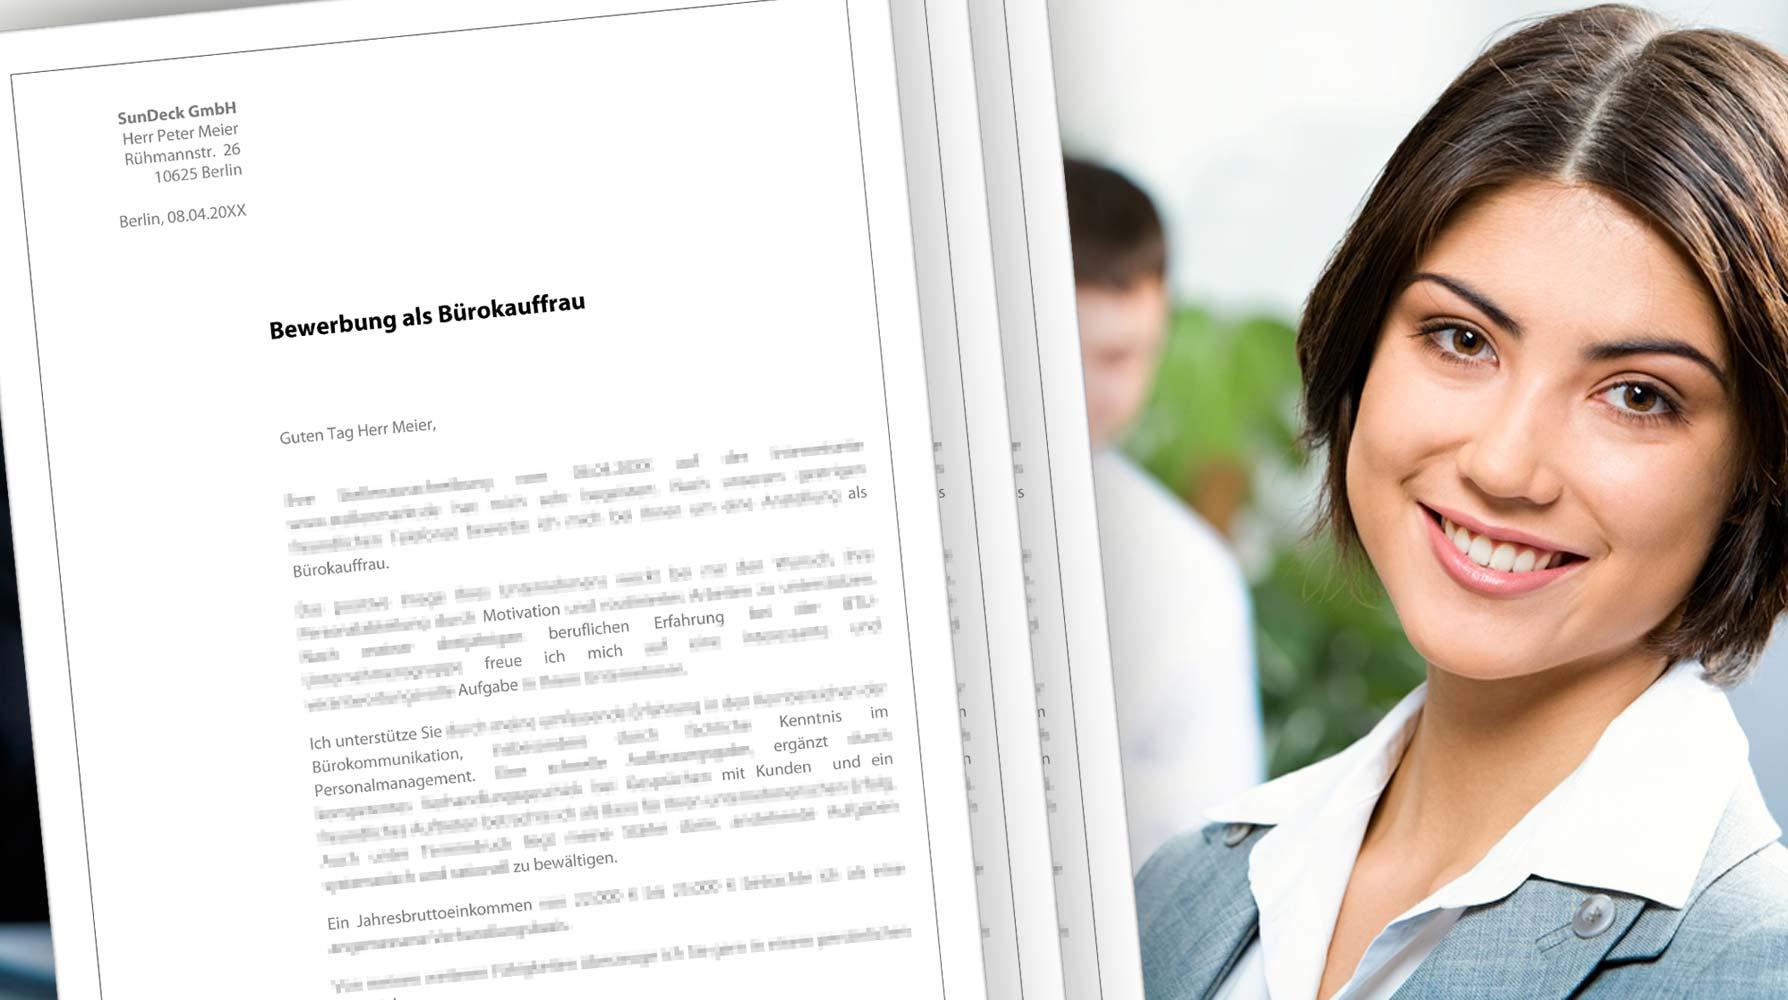 Bewerbung Bürokauffrau